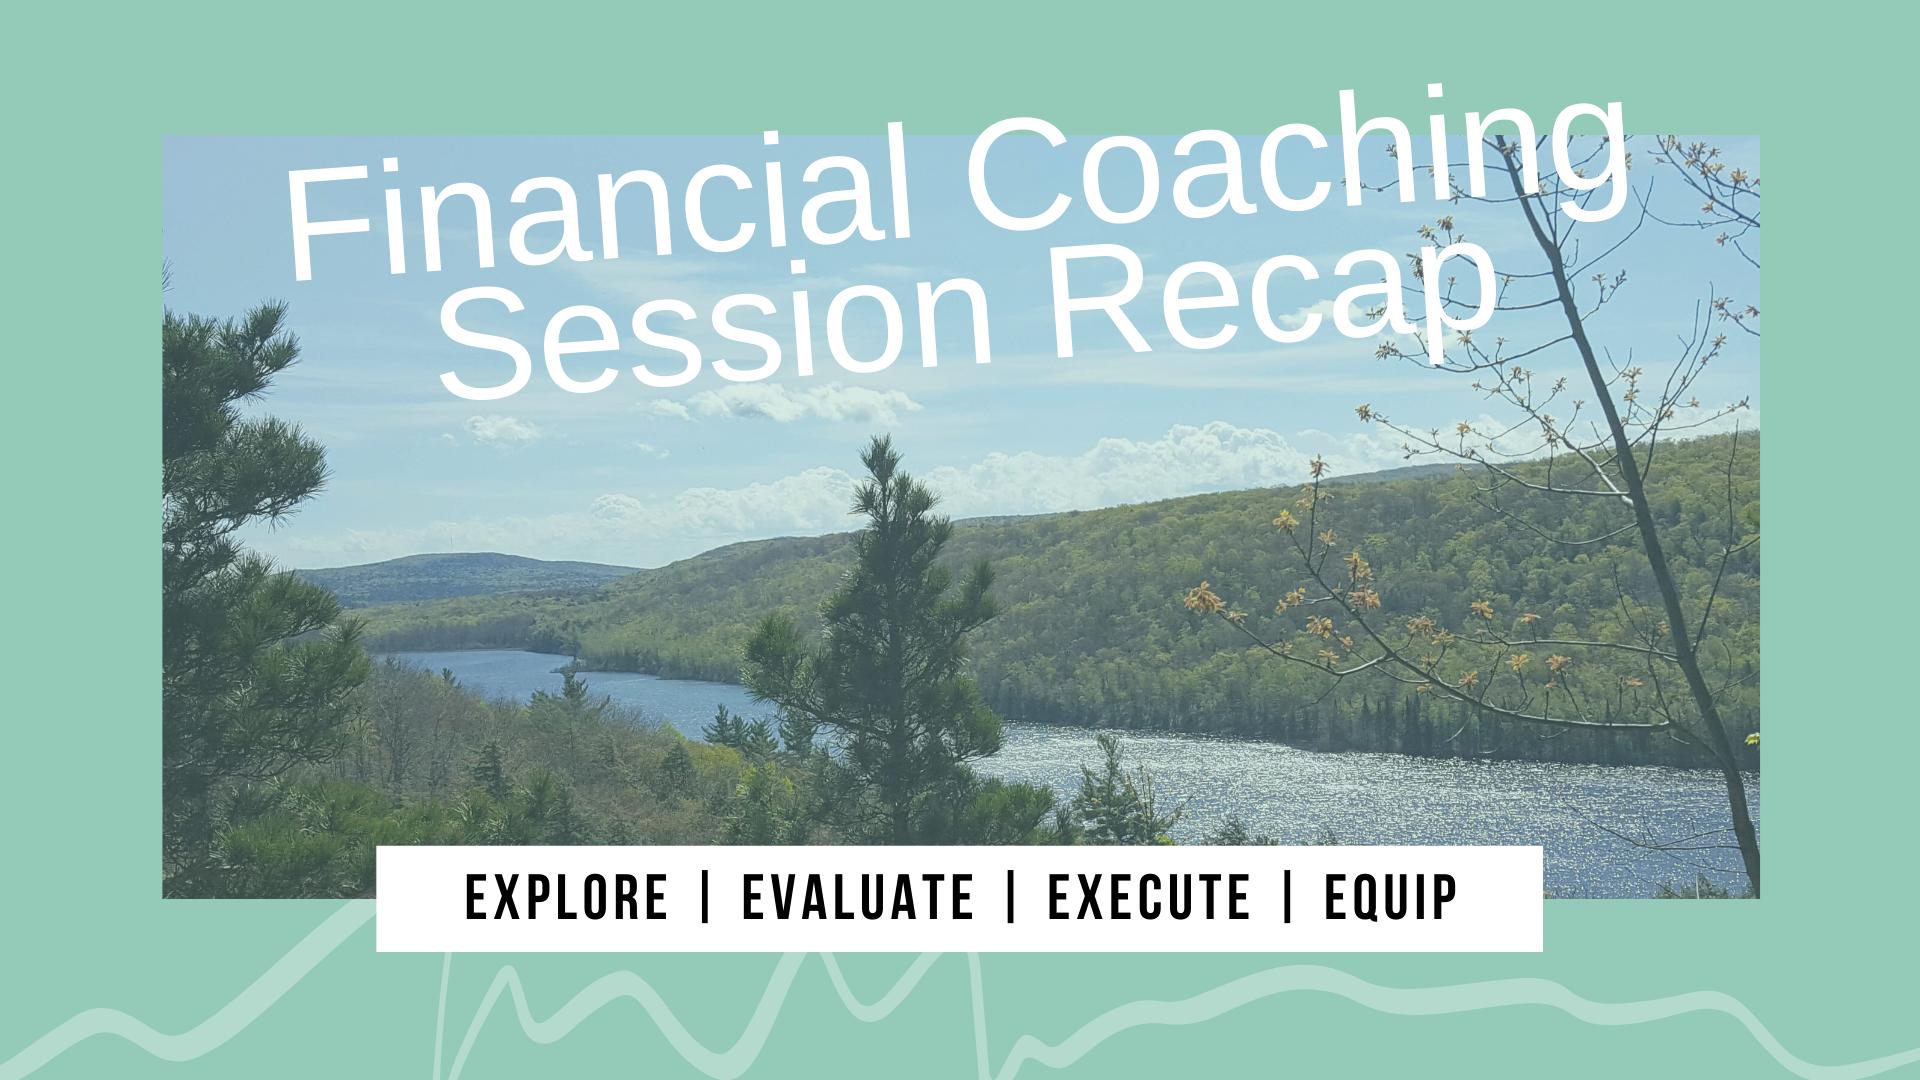 Financial Coaching Recap